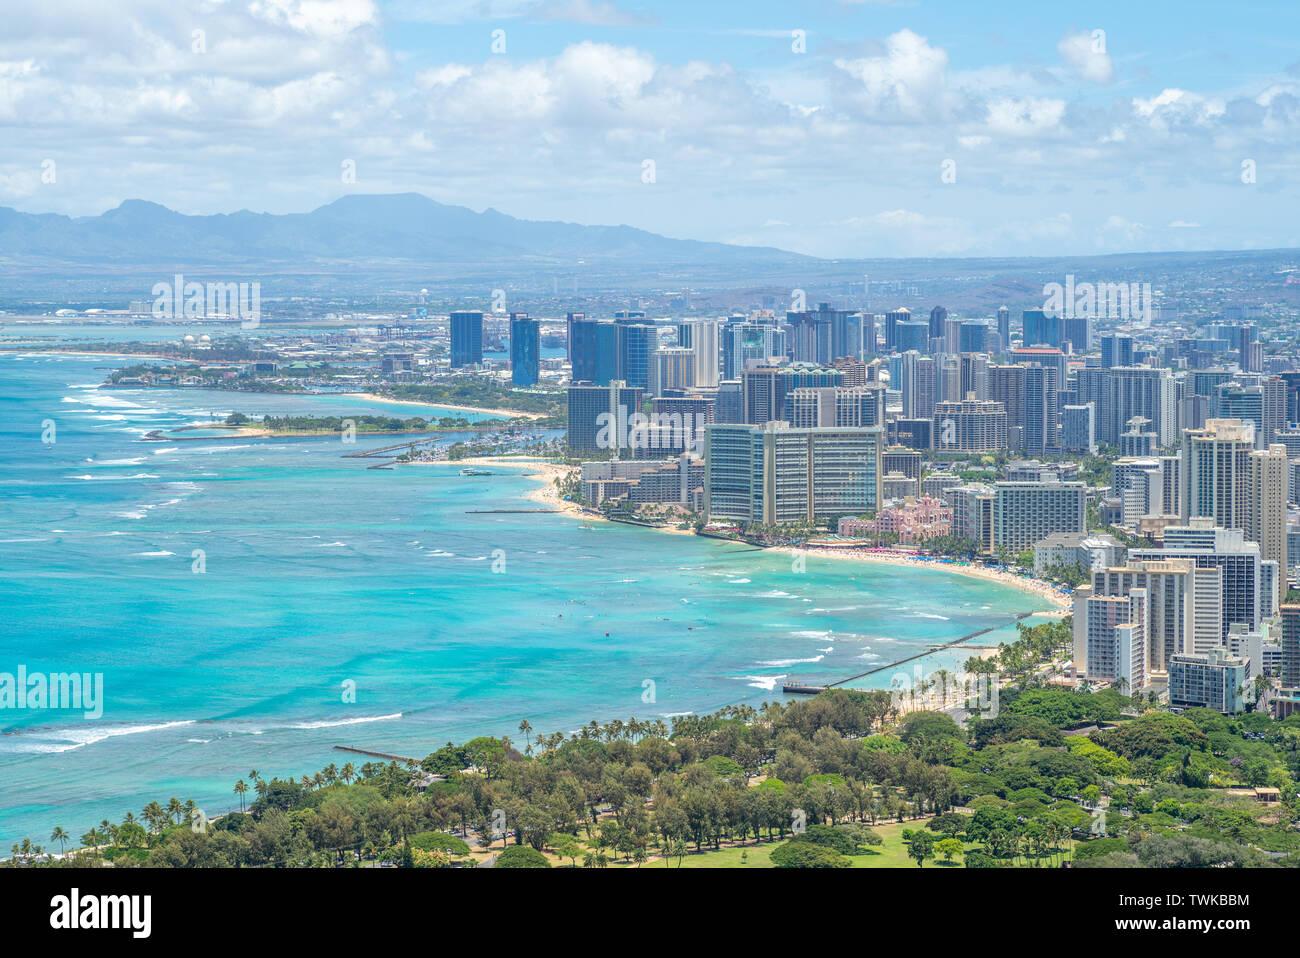 Vista aérea de Honolulu en Oahu, Hawaii, EE.UU. Foto de stock